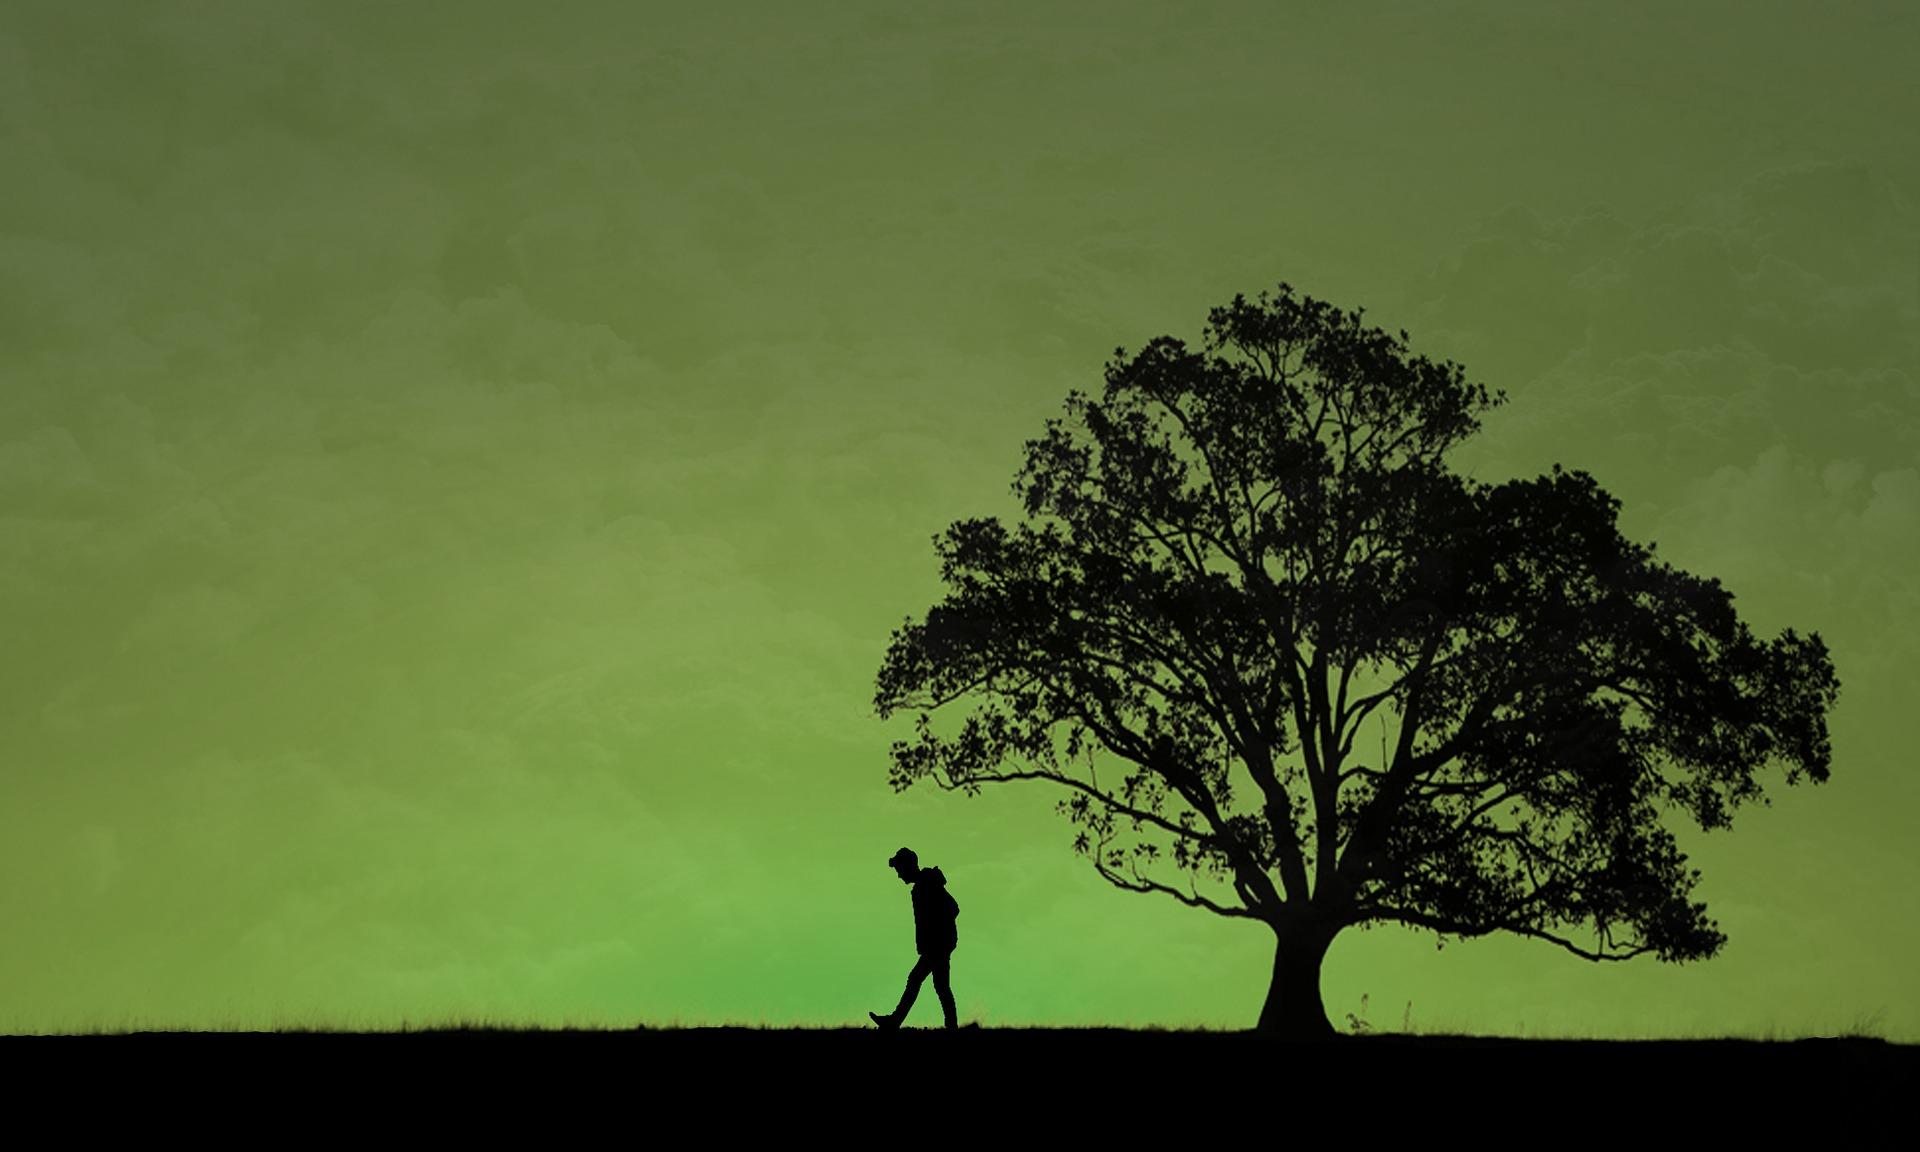 男性と木とオーロラ